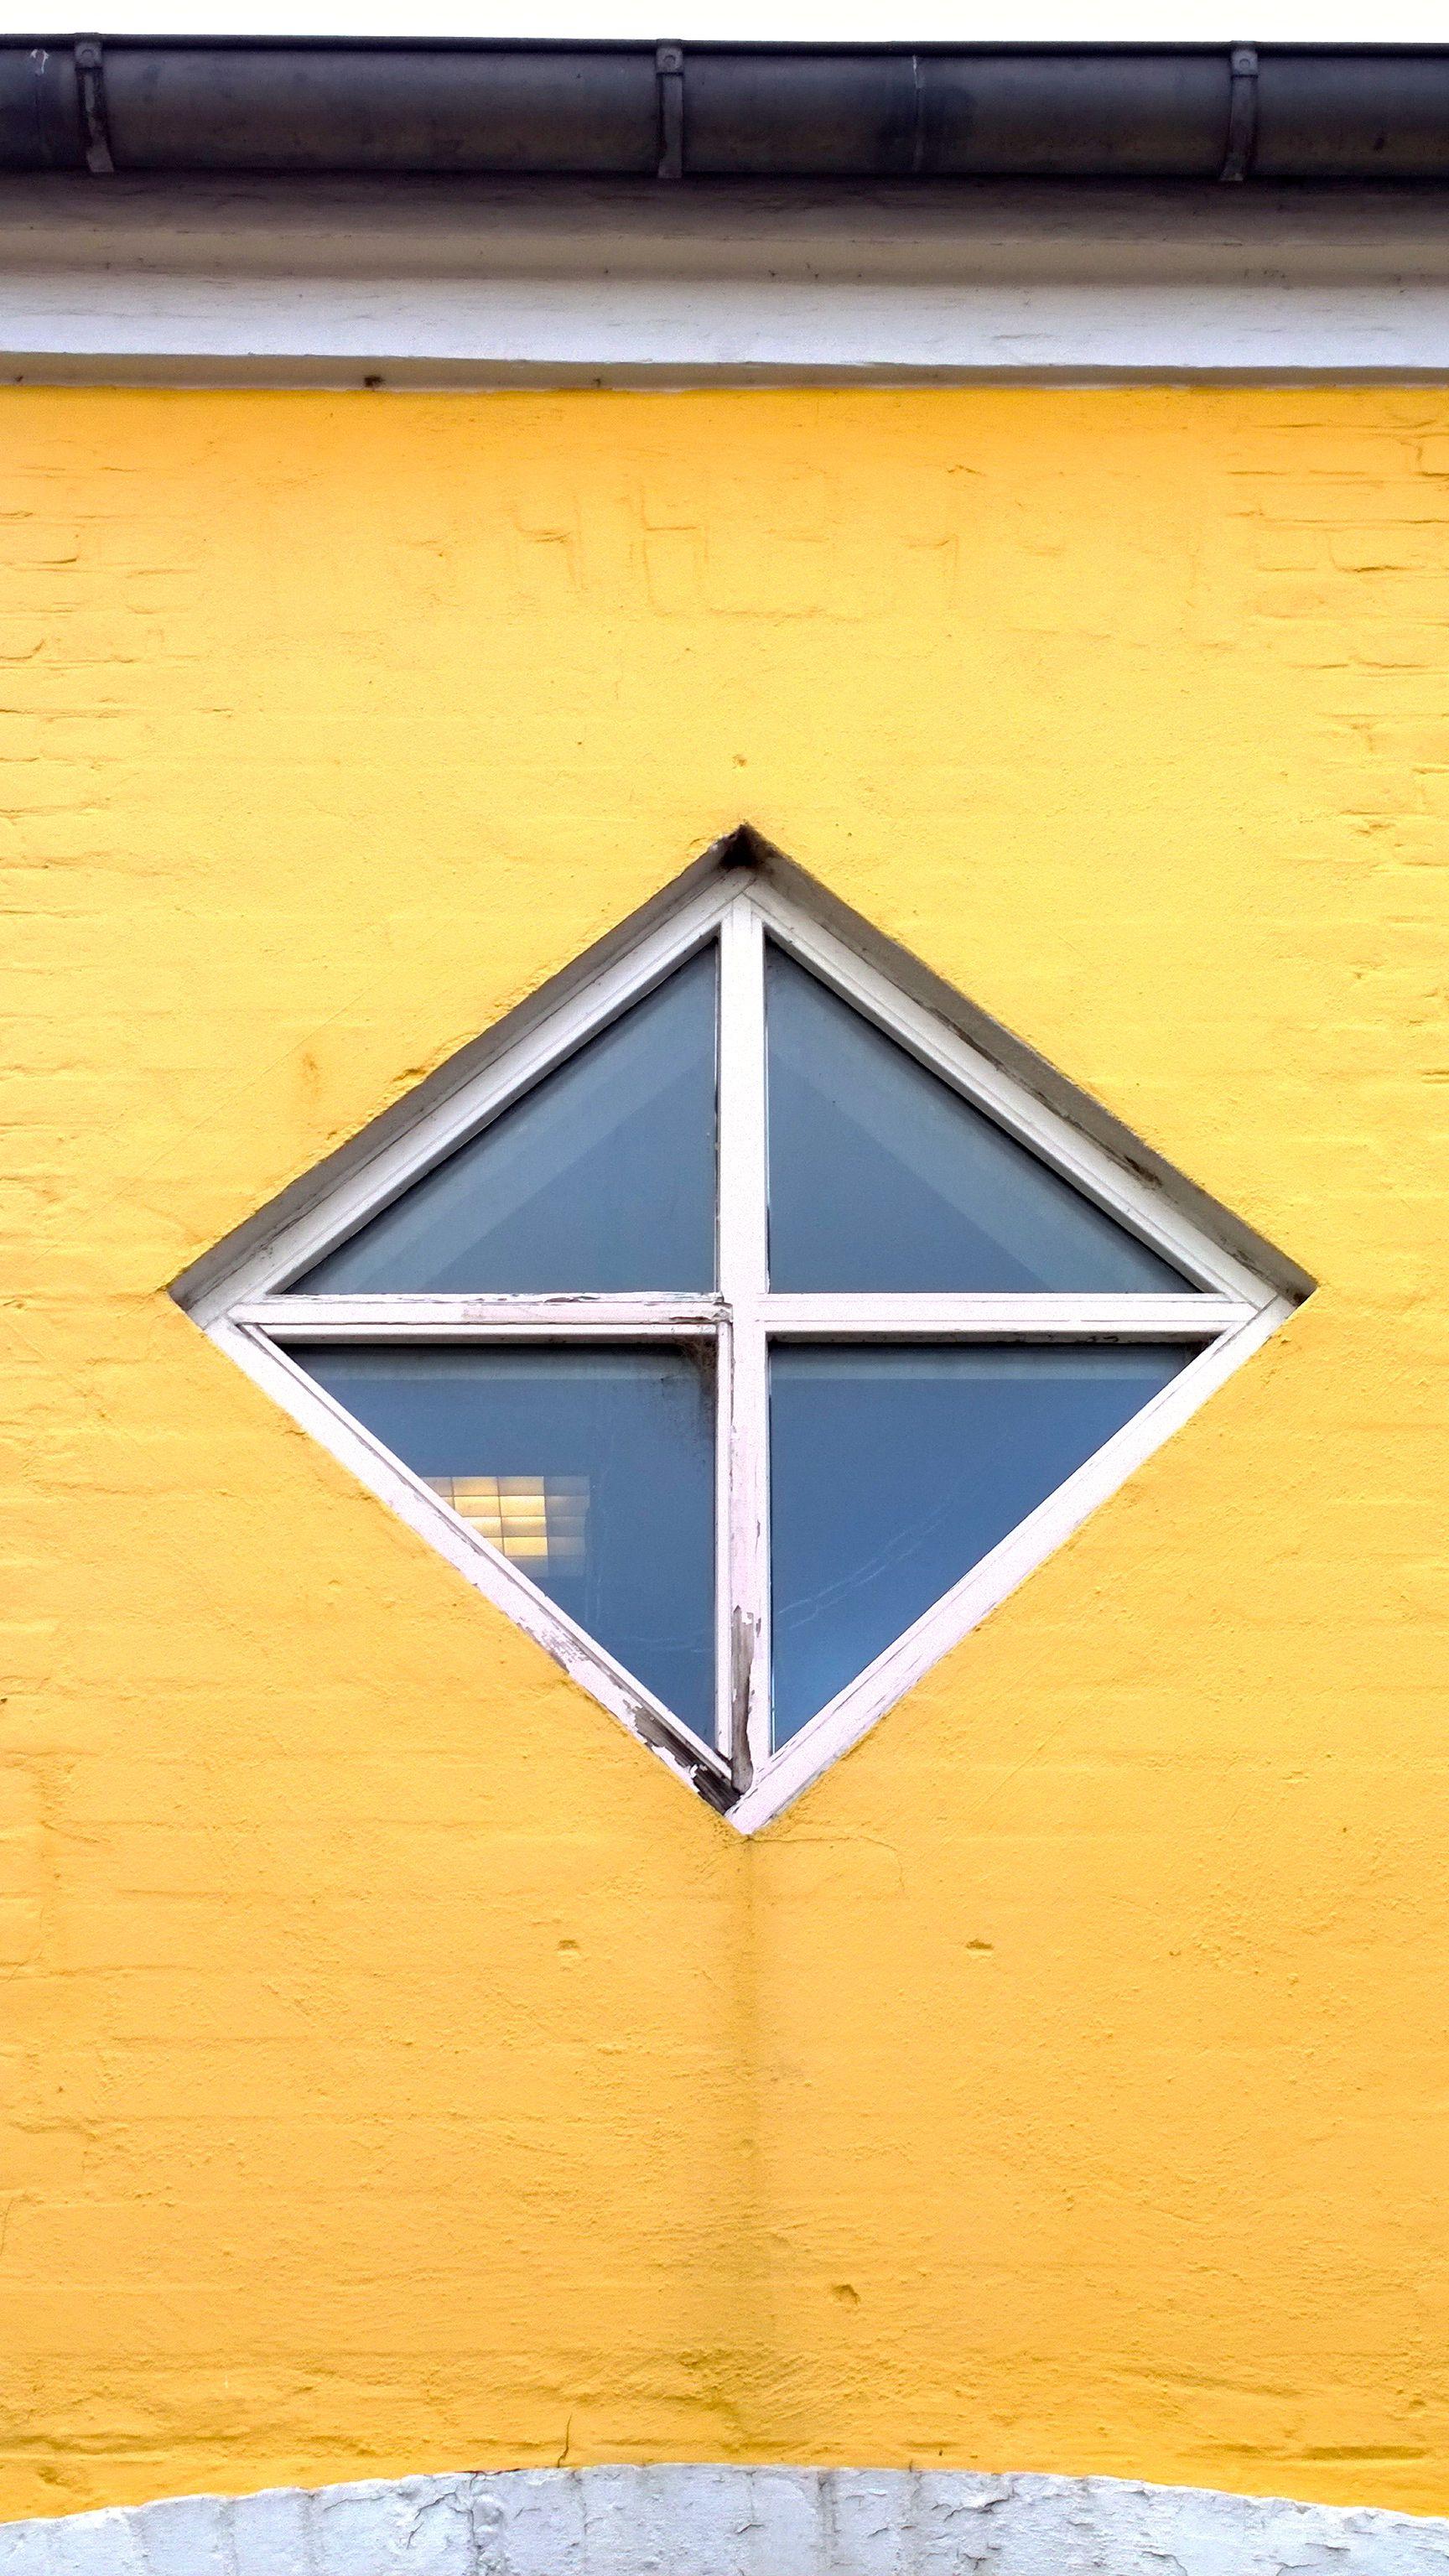 Kvadratisk vindue. Køge